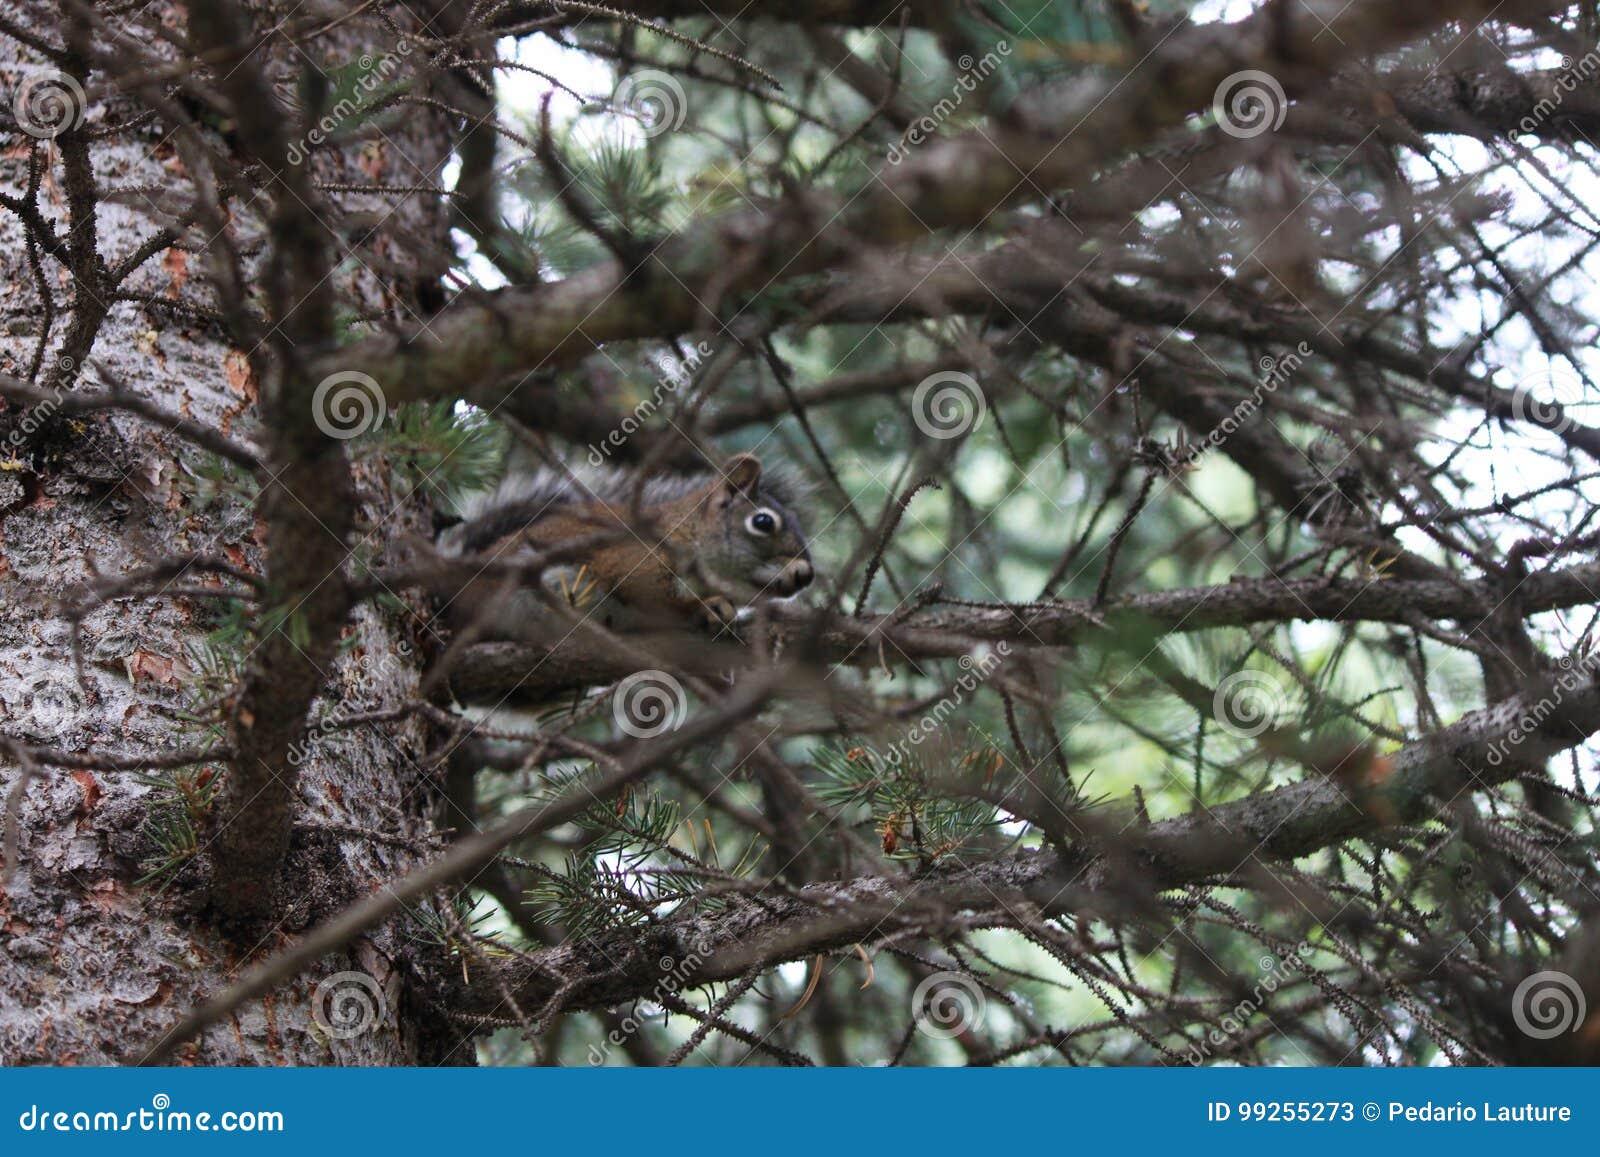 Verstecken-Eichhörnchen